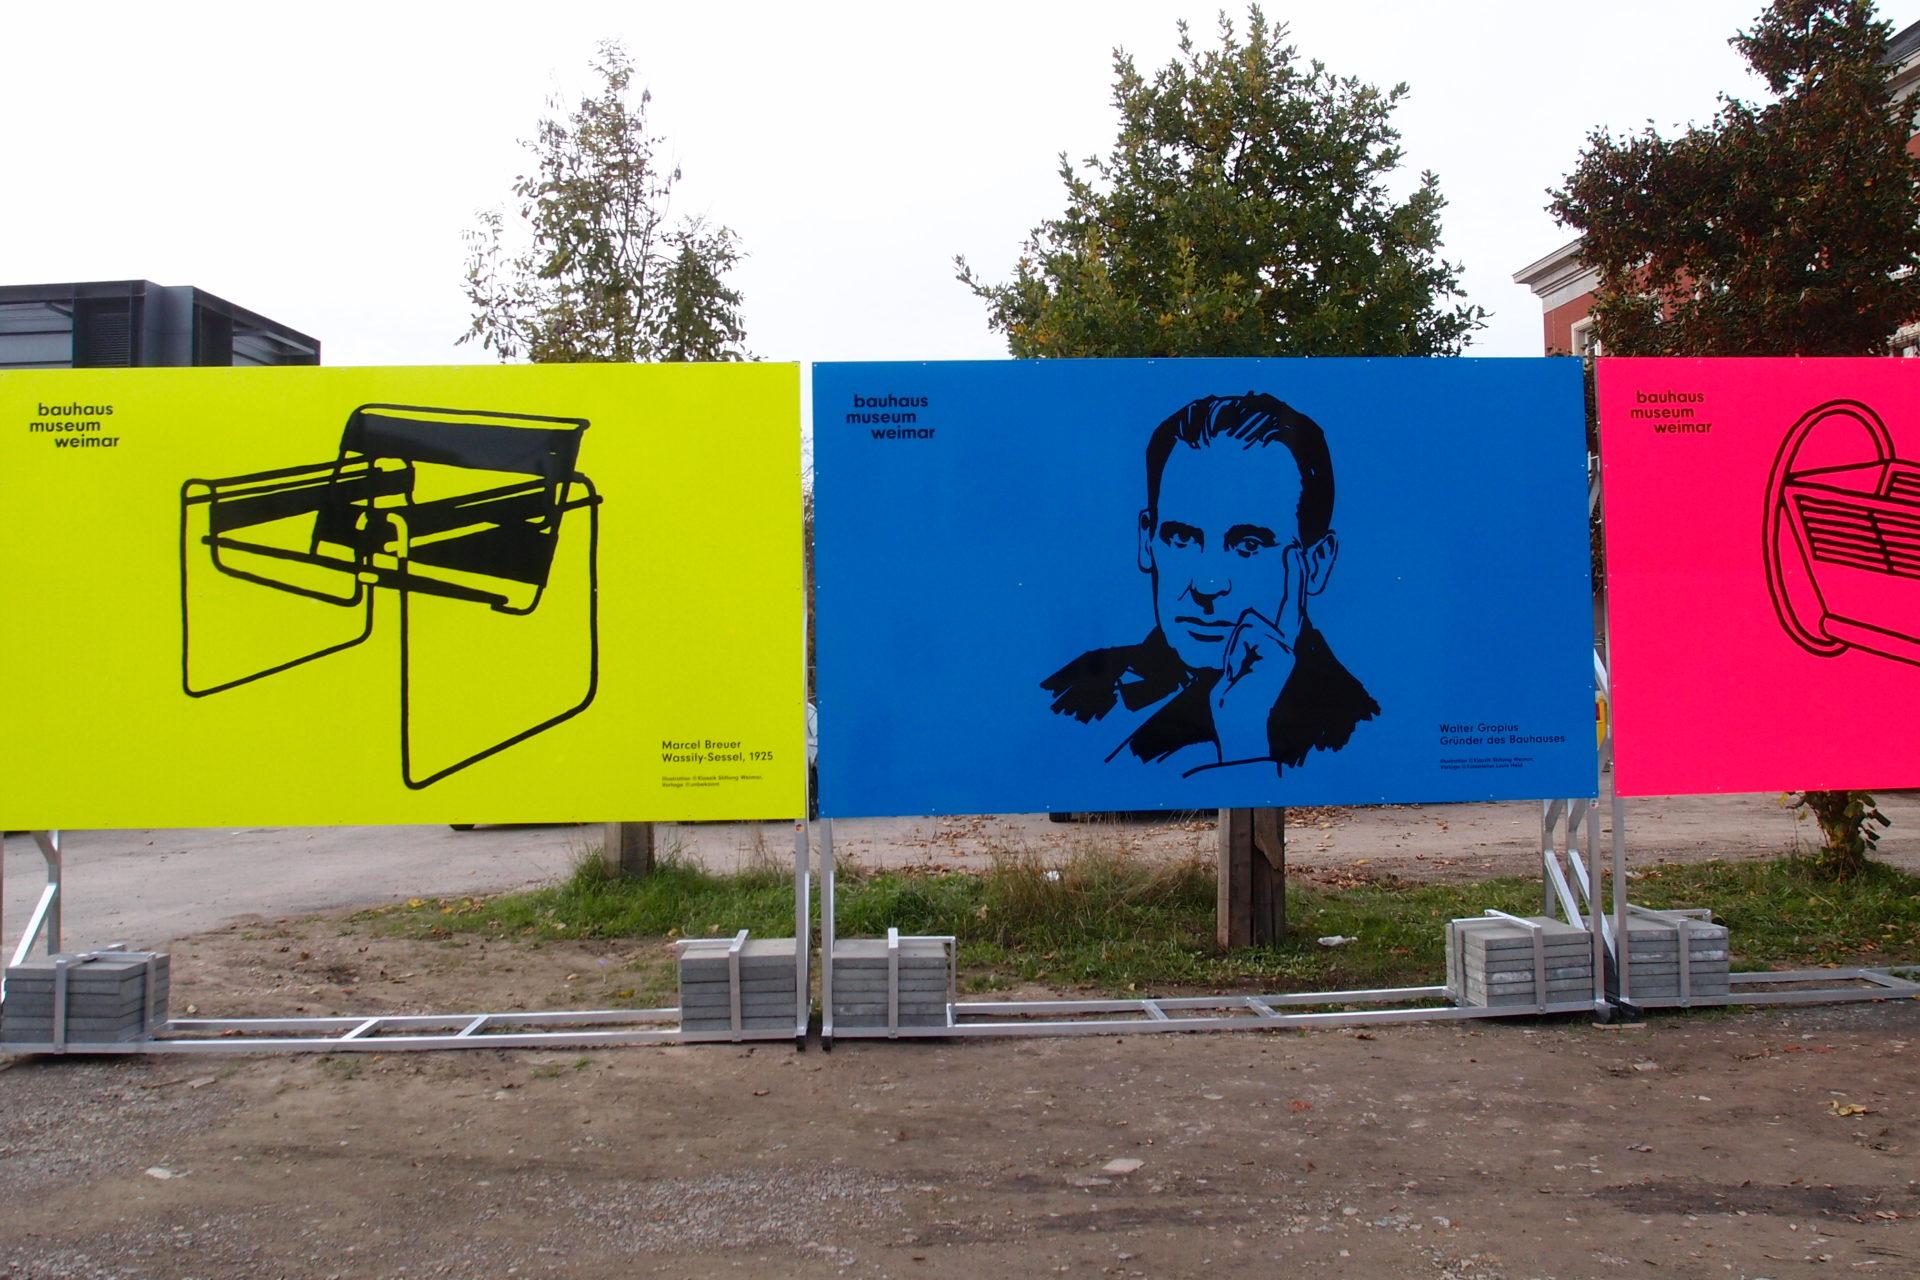 威瑪包浩斯博物館工地圍欄